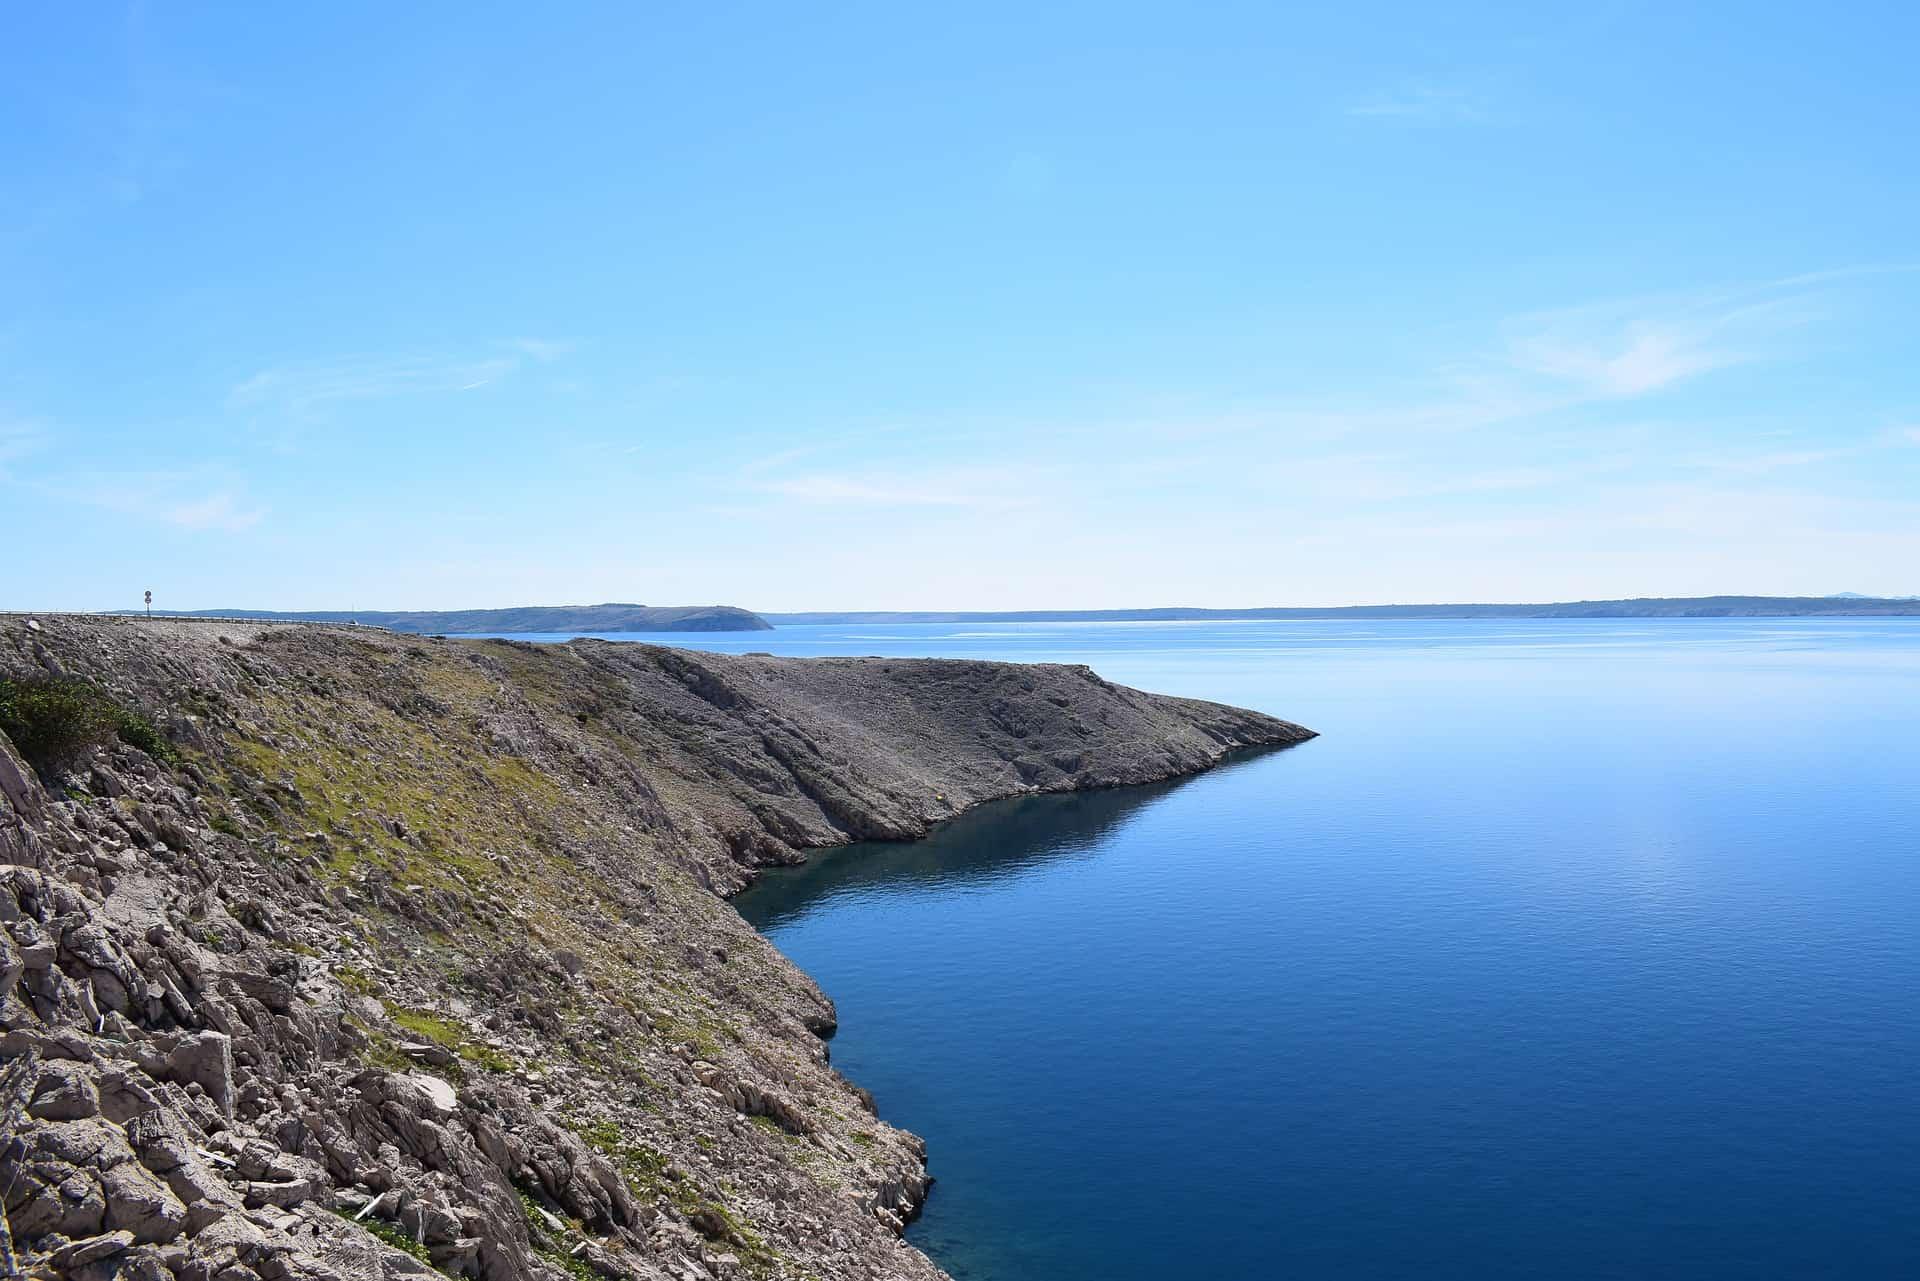 Kroatische Inseln - ein Traum seit der Jahrtausend Wende wird die Destination immer beliebter